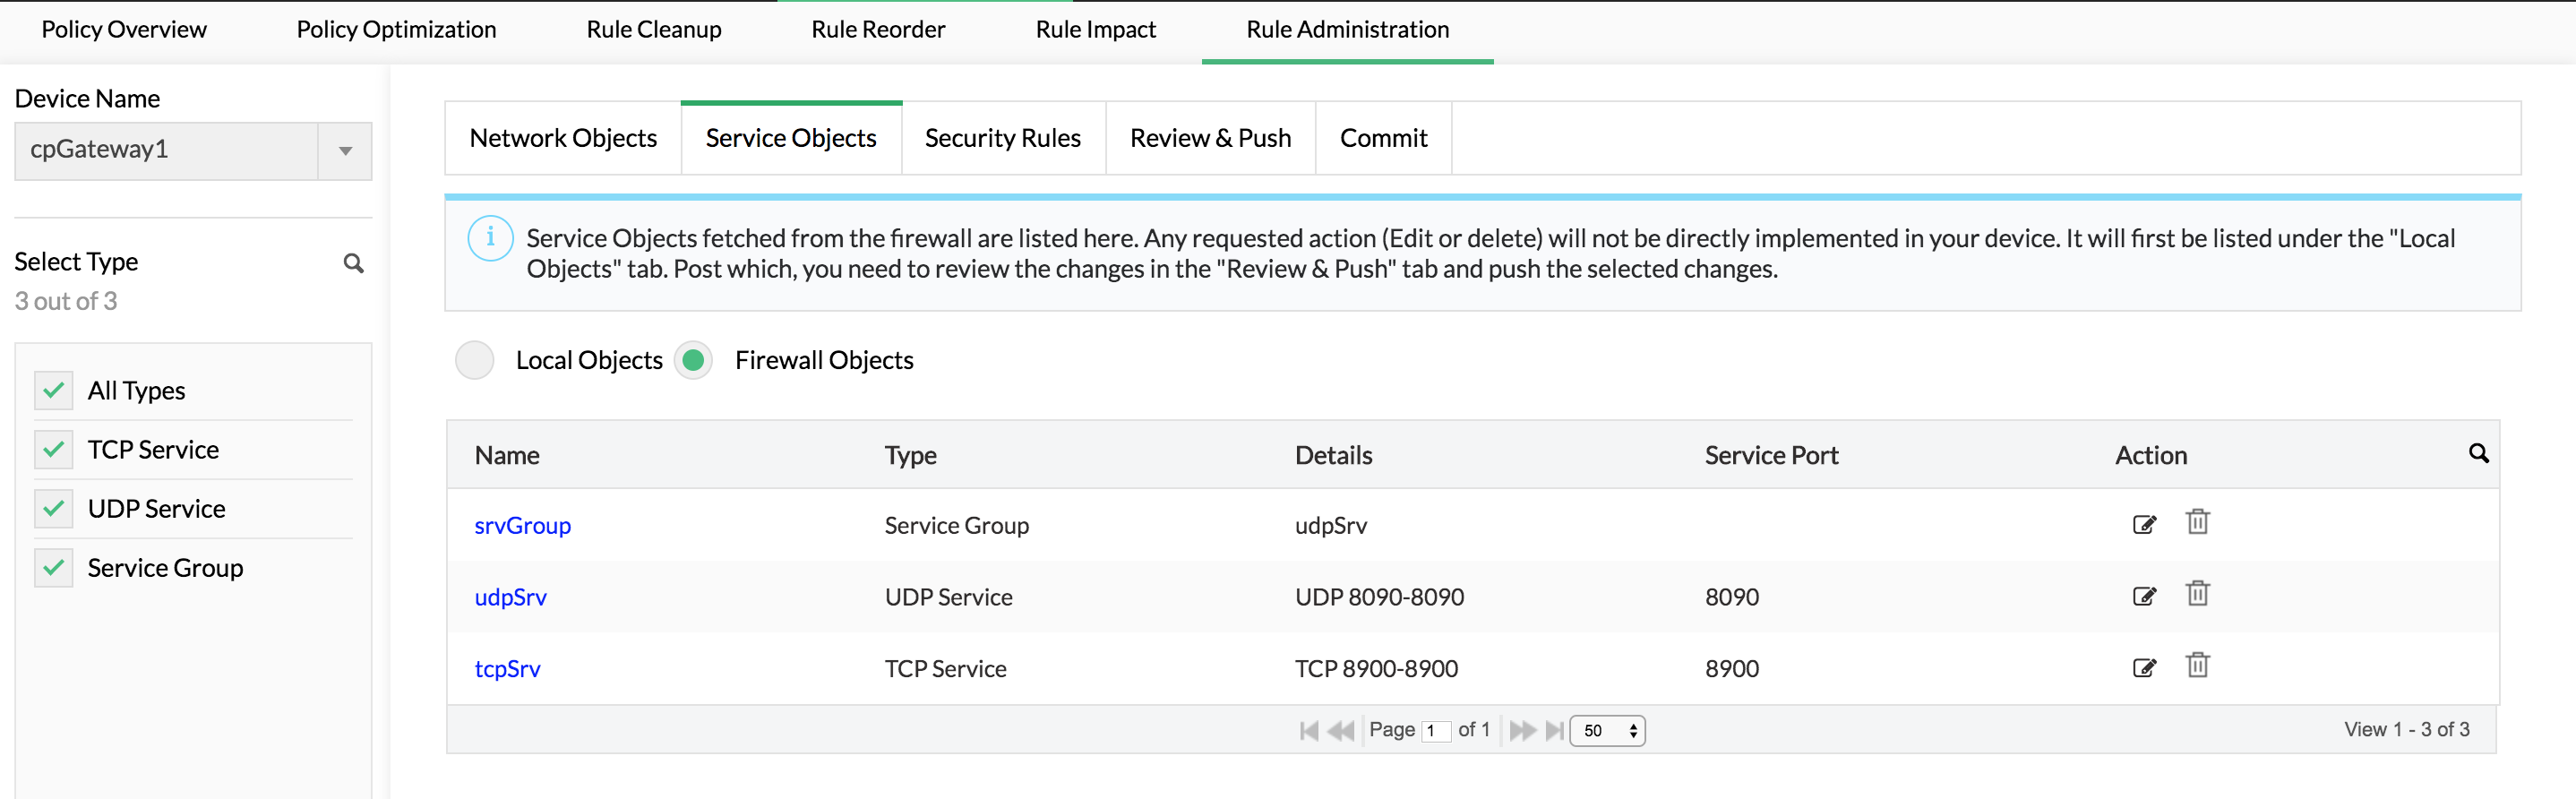 Ajout, modification et suppression d'objets de service et réseau - ManageEngine Firewall Analyzer